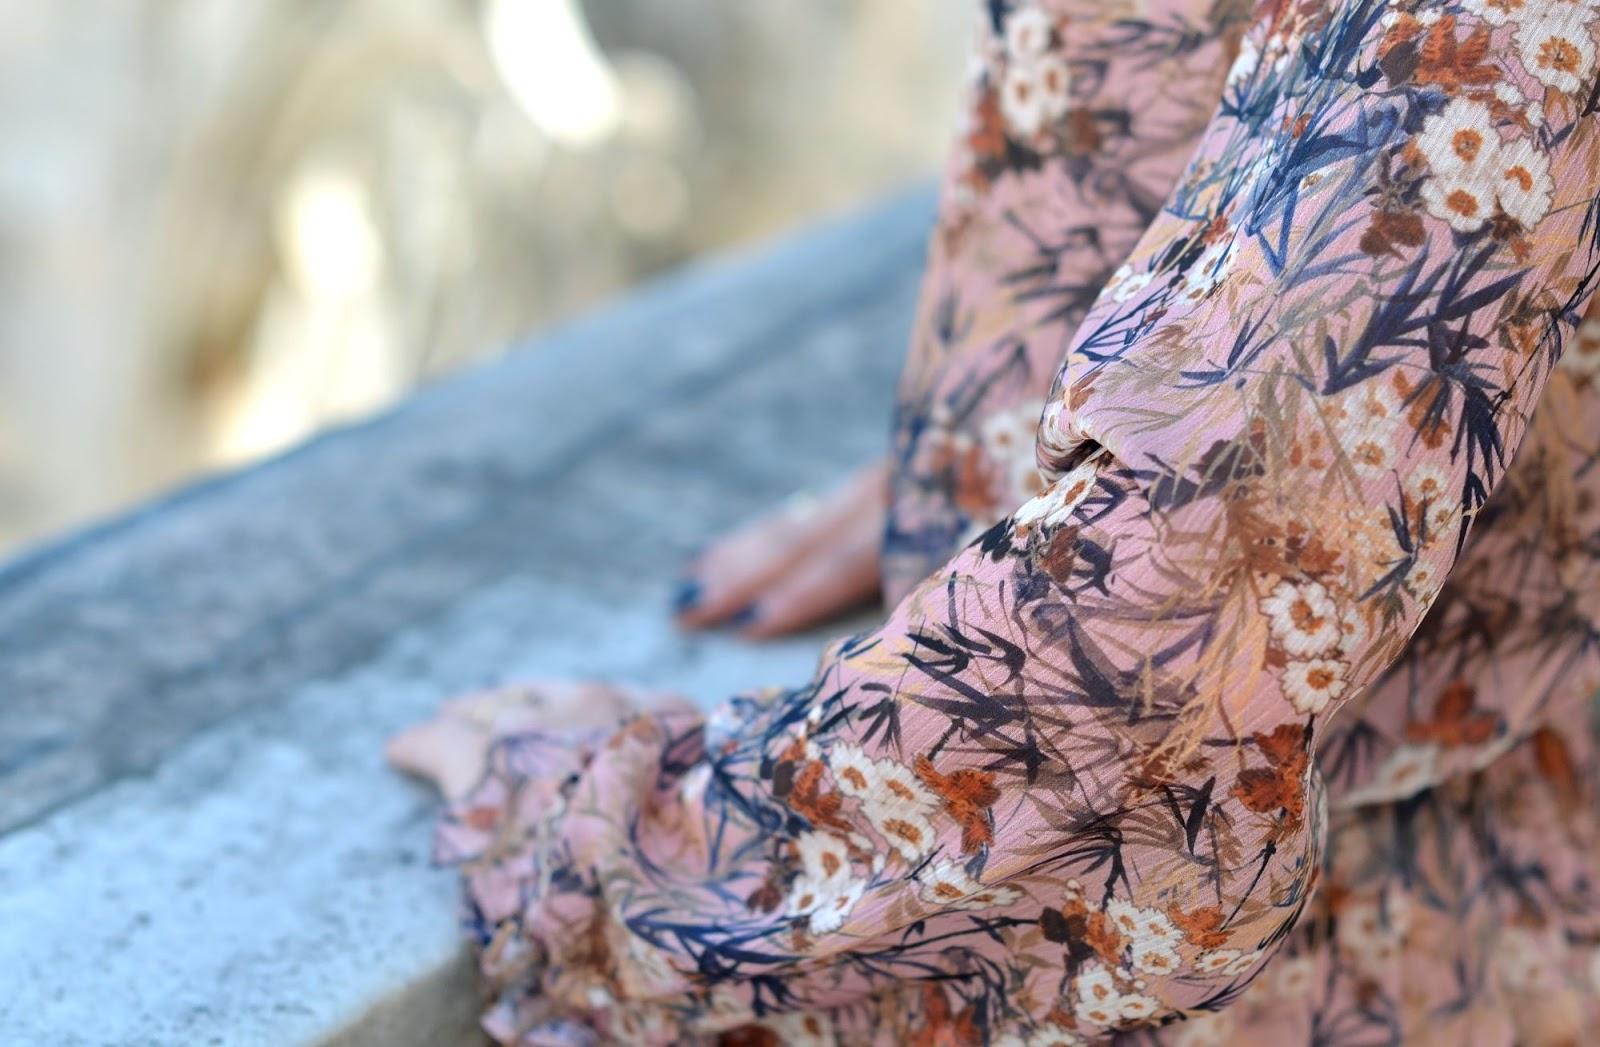 mediolan | wycieczka do wloch | milano | milan | blog o modzie | makelifeeasier blog